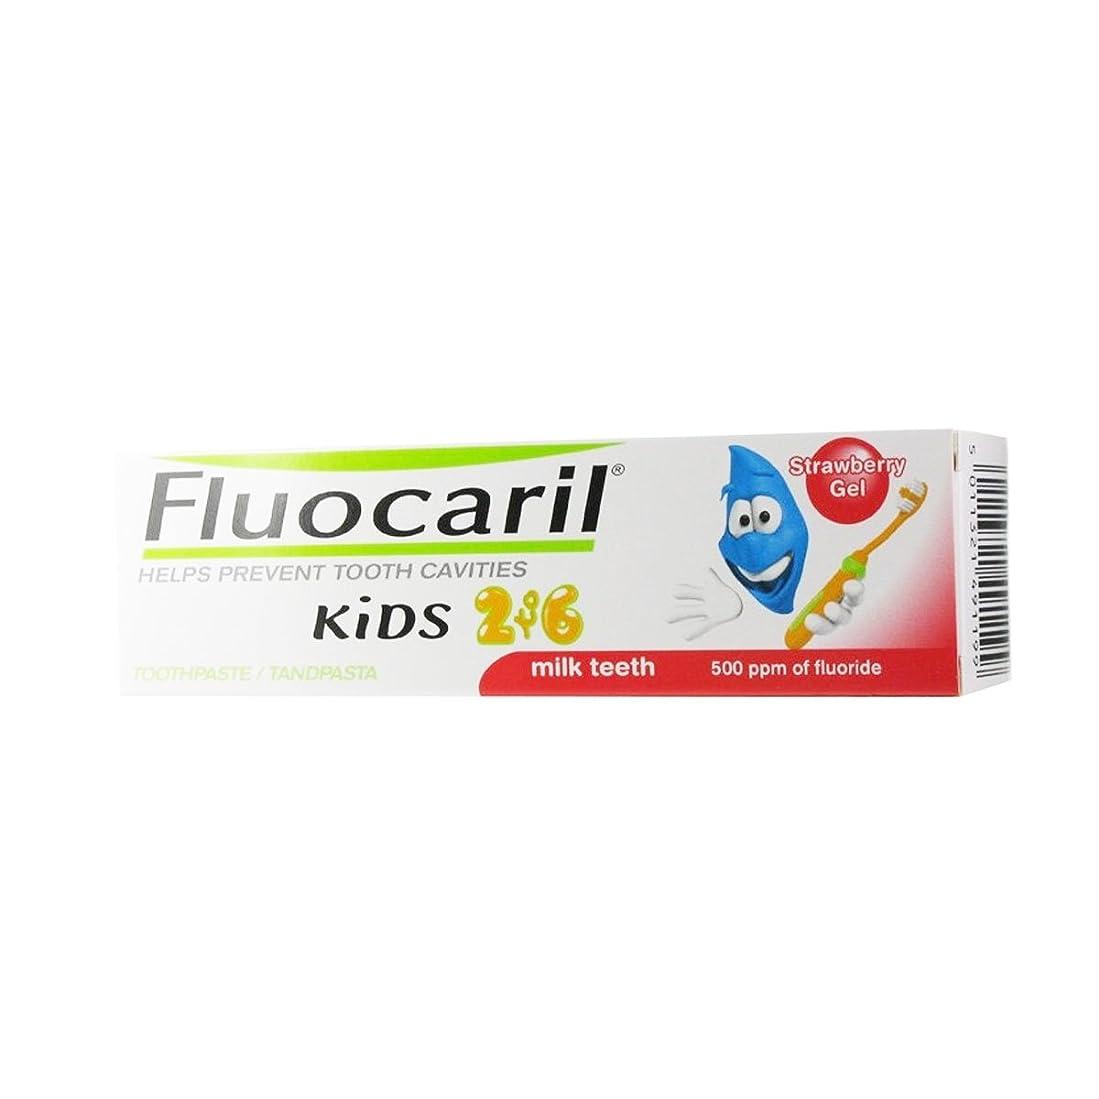 同僚代表するランクFluocaril Kids 2 To 6 Strawberry Gel 50ml [並行輸入品]